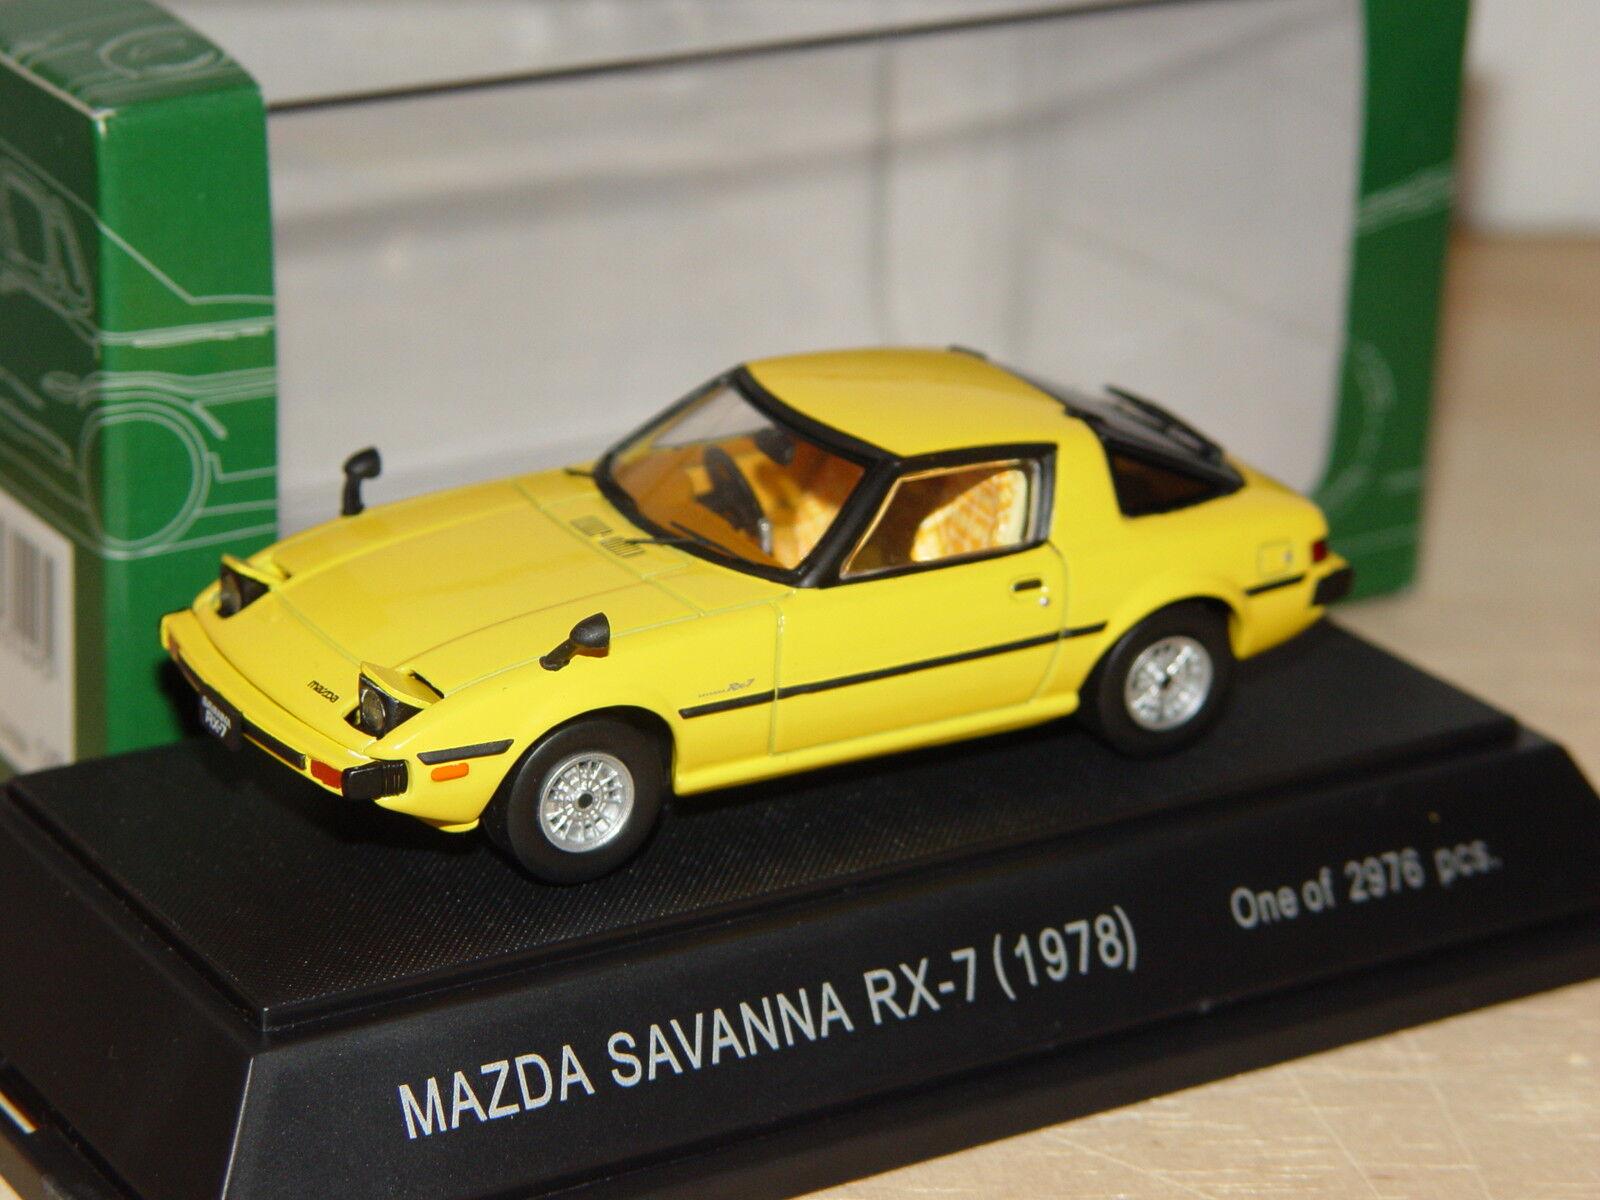 MAZDA RX-7 1978 - 1 43e Ebbro